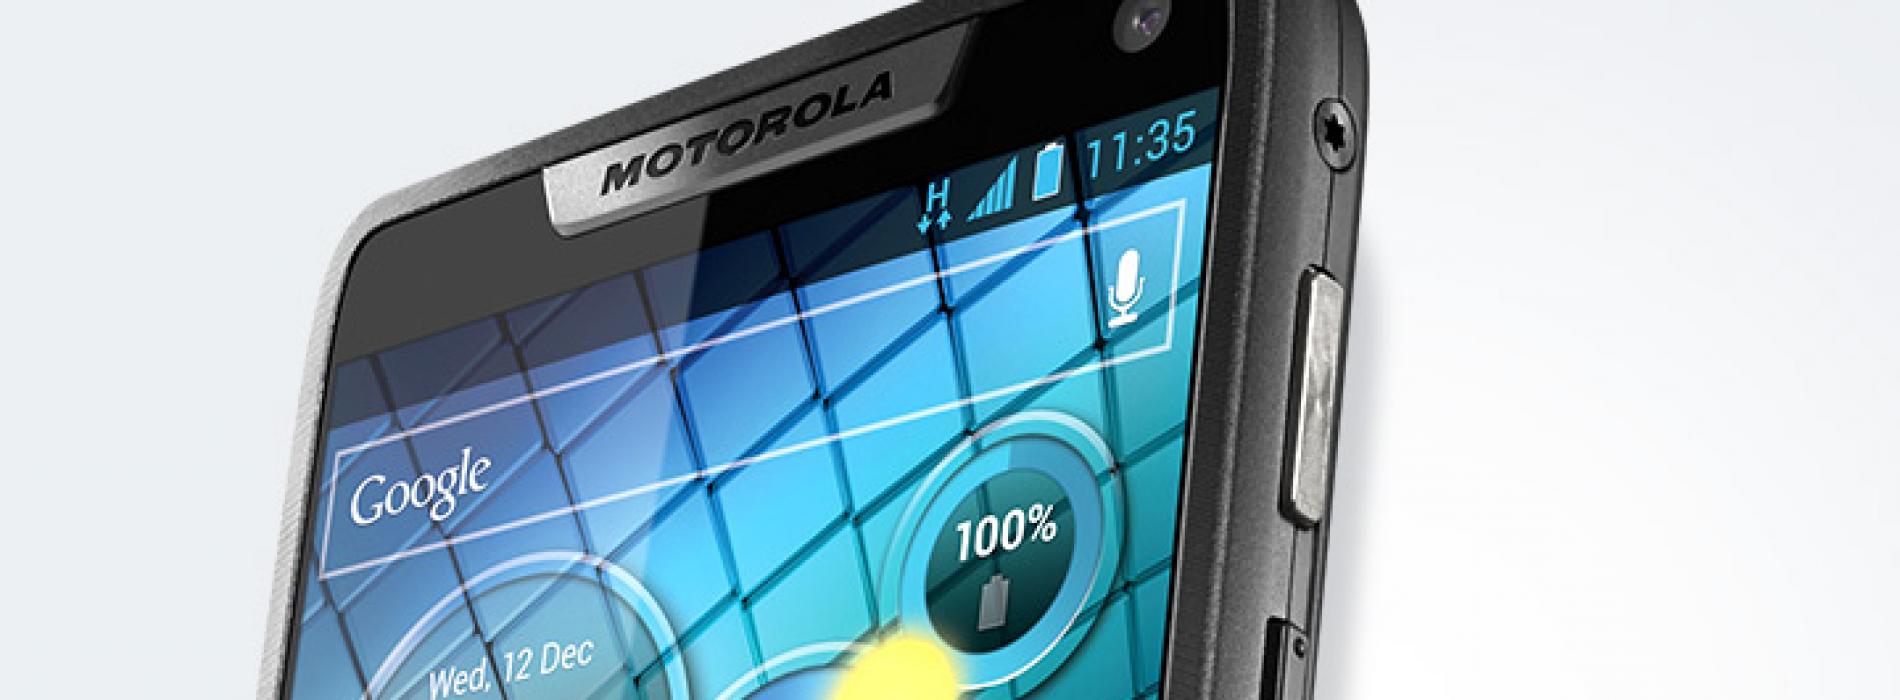 Motorola Razr I gallery